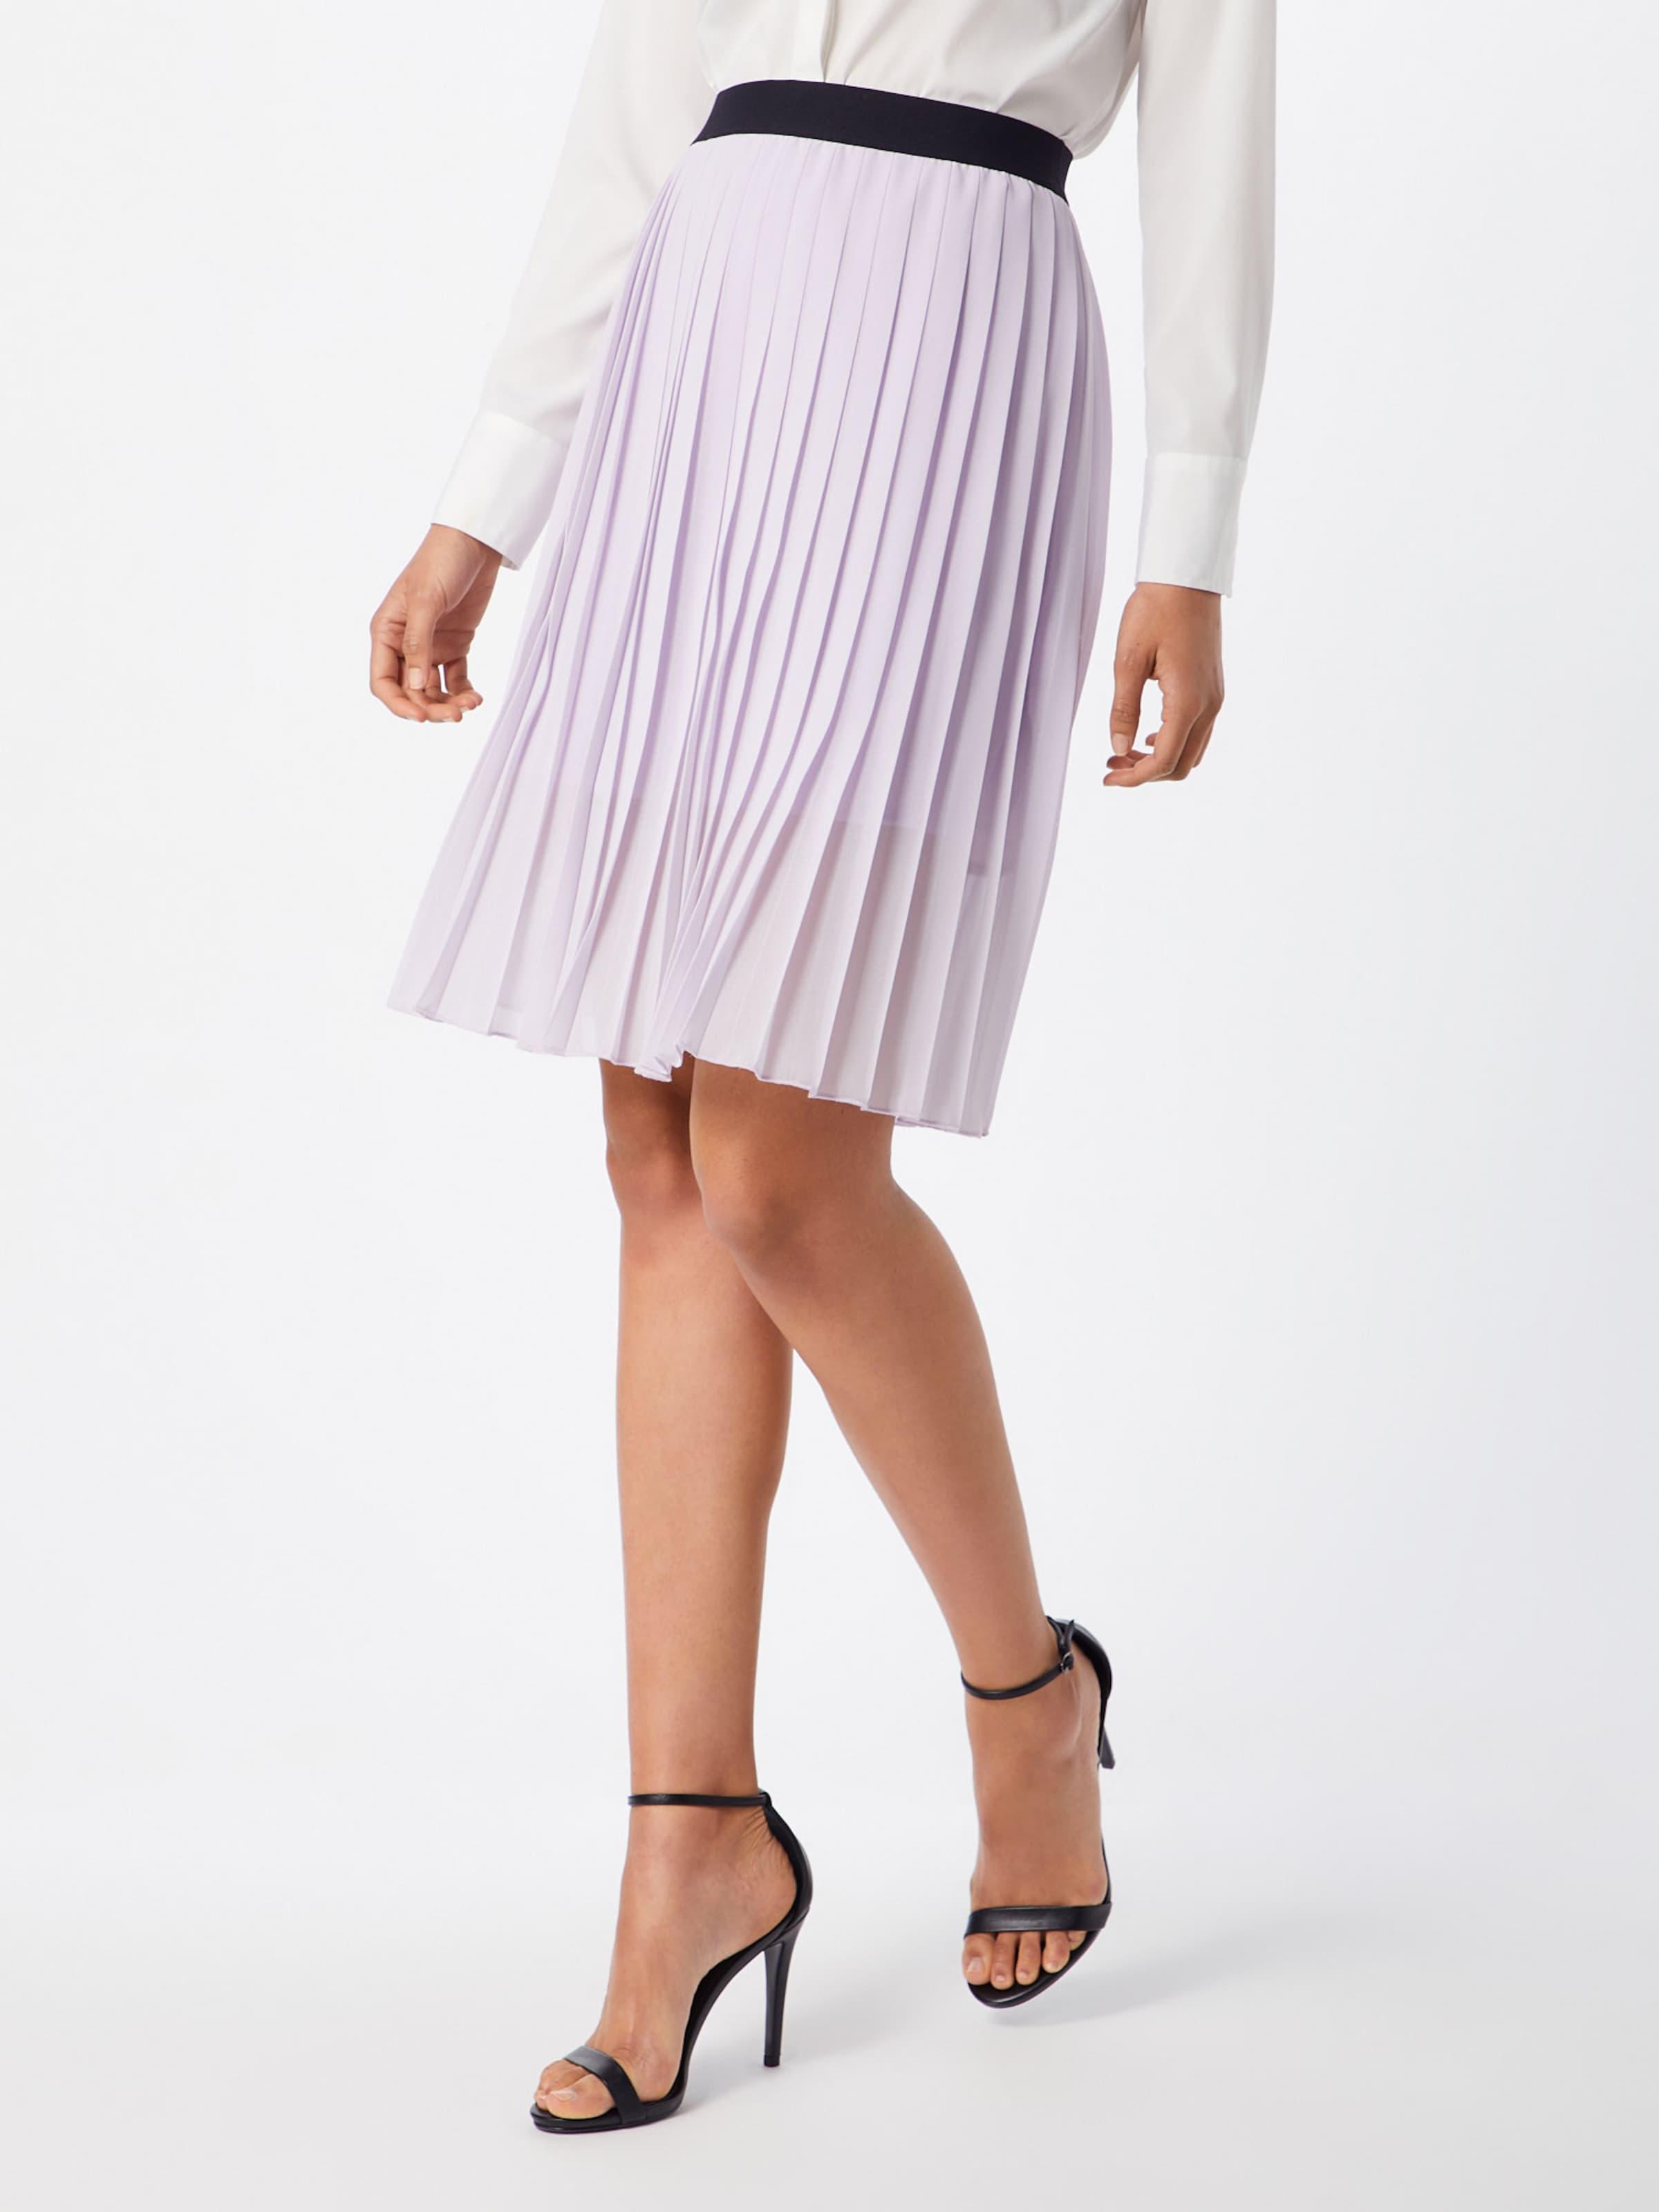 Lila Rock 'dorette Skirt' Sparkz In qMUzSpVG